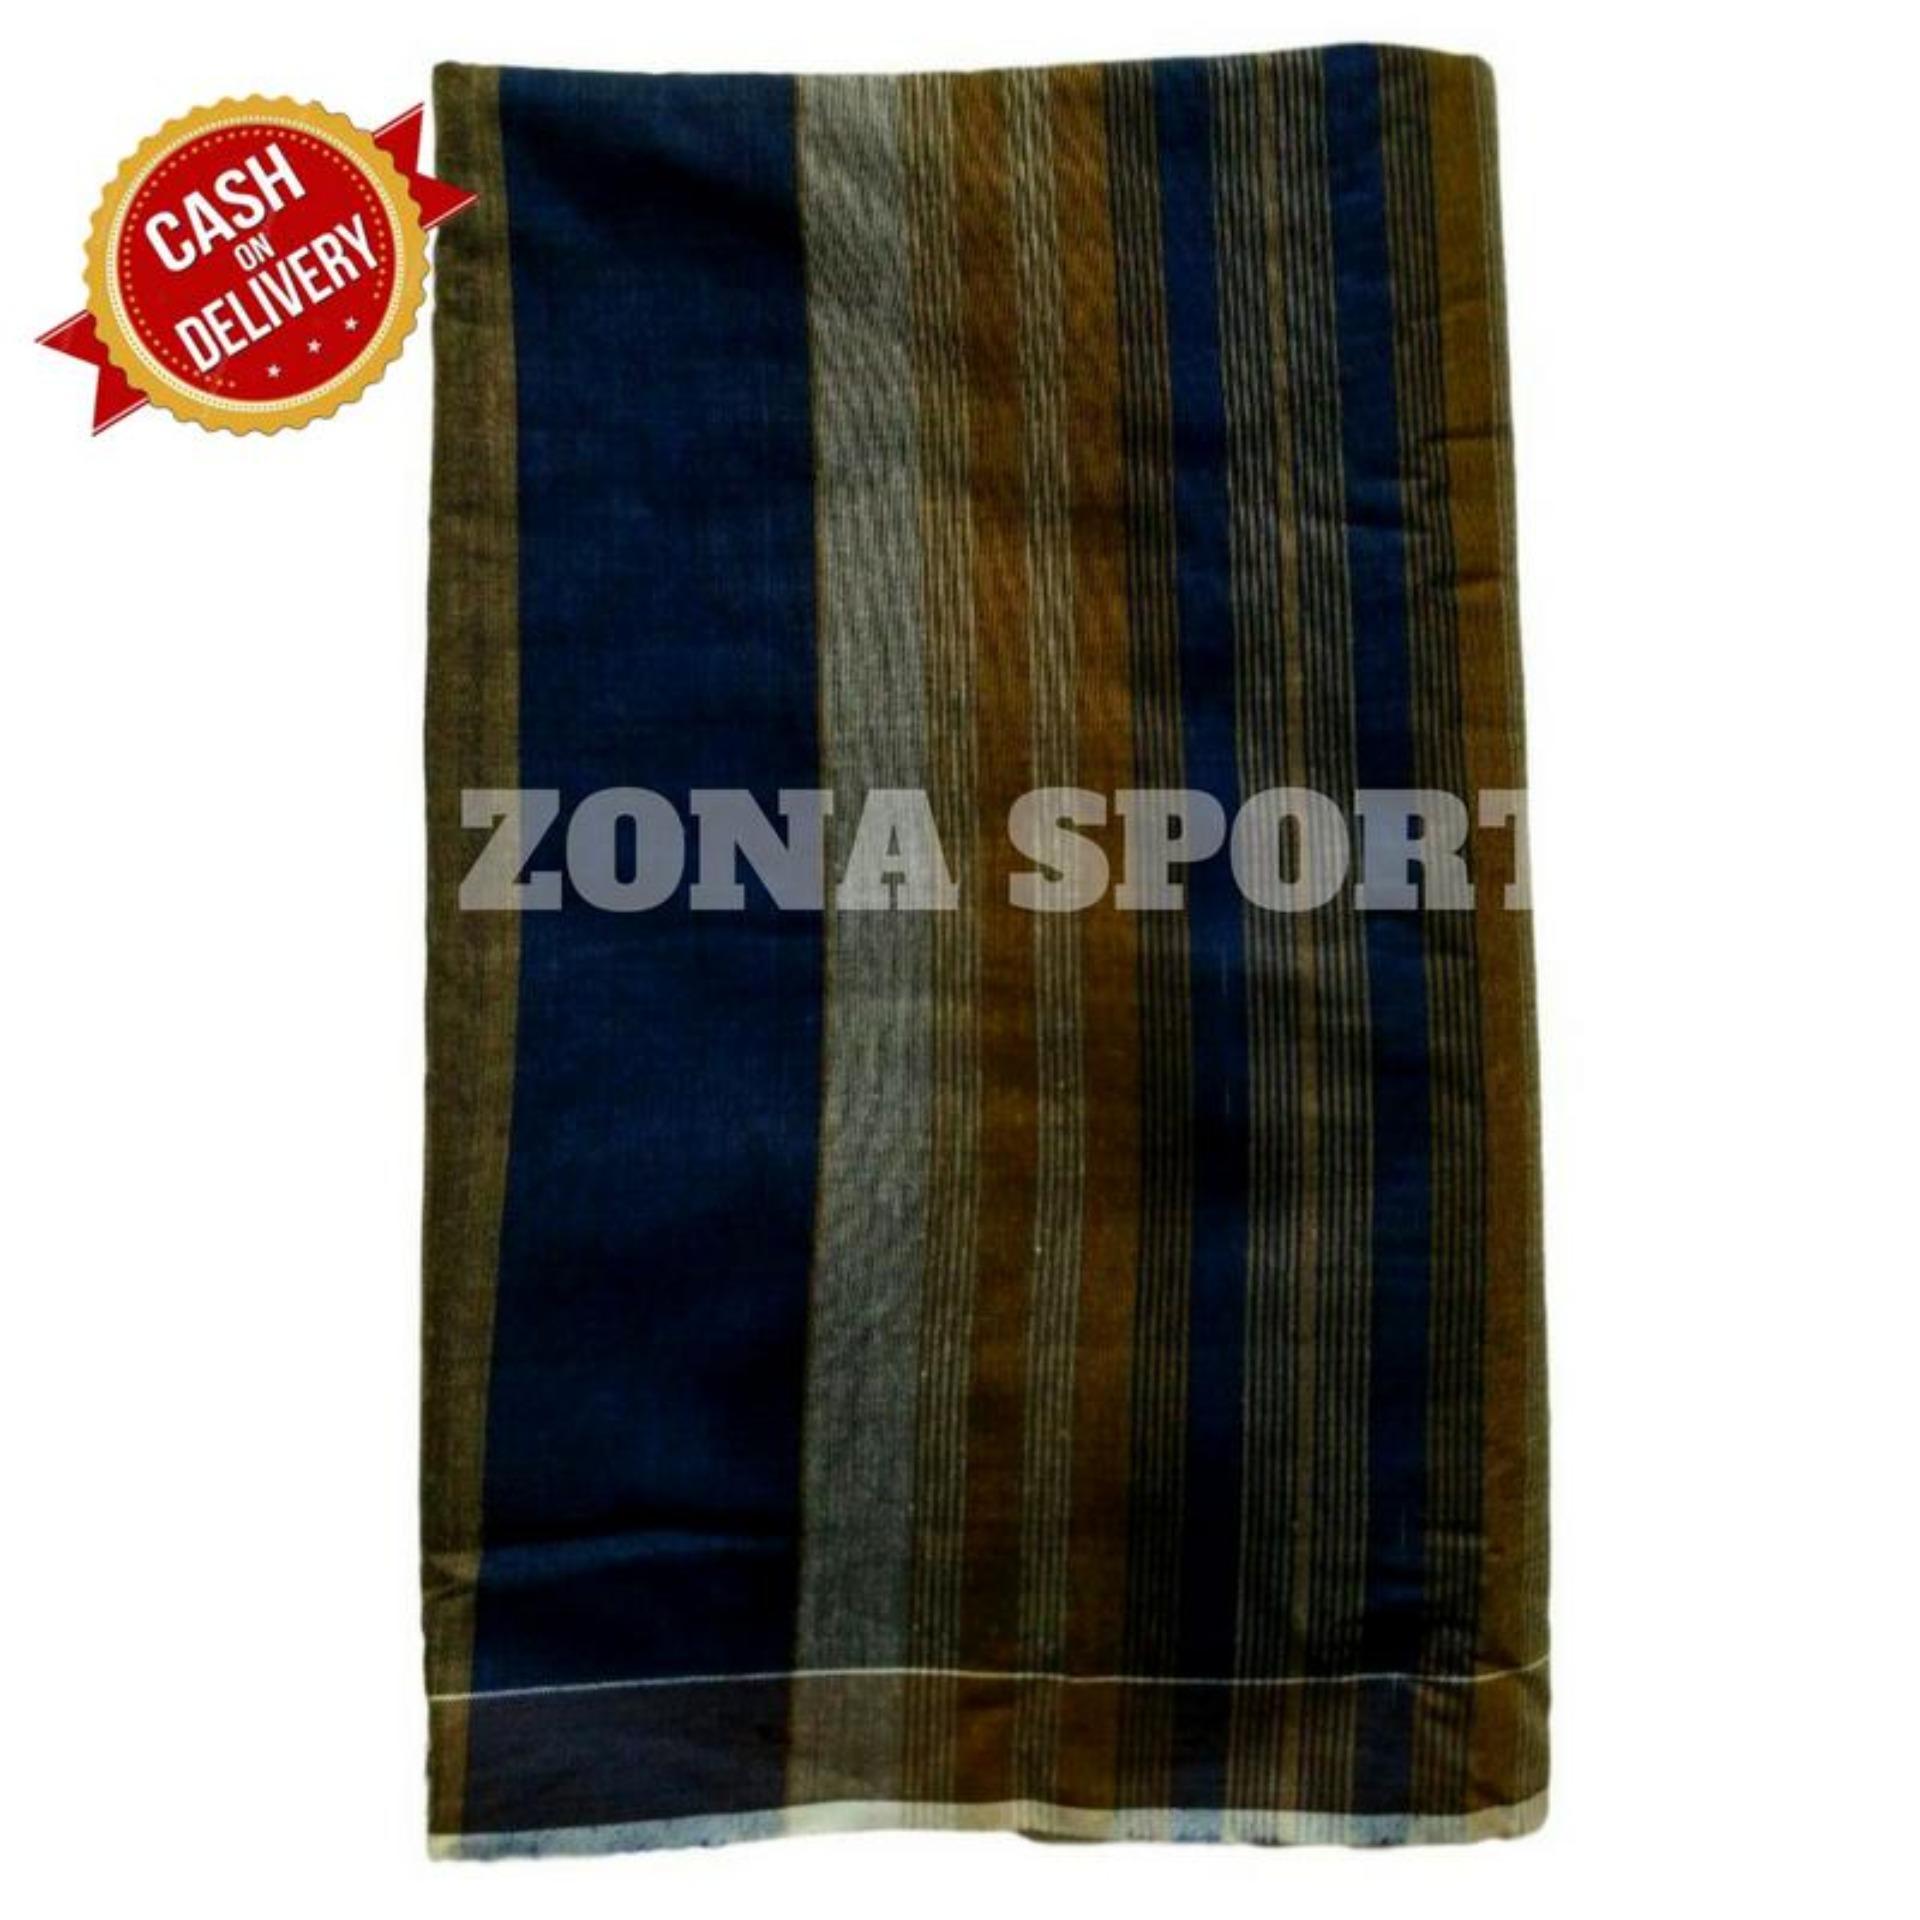 Zona Sports Sarung Muslim Eksklusif / Bukan Model Sarung Tangan Motor Celana Wadimor Gajah Duduk Songket Polos Bhs Bantal dan Songket / Sarung  Laki-laki Dewasa Murah - S701